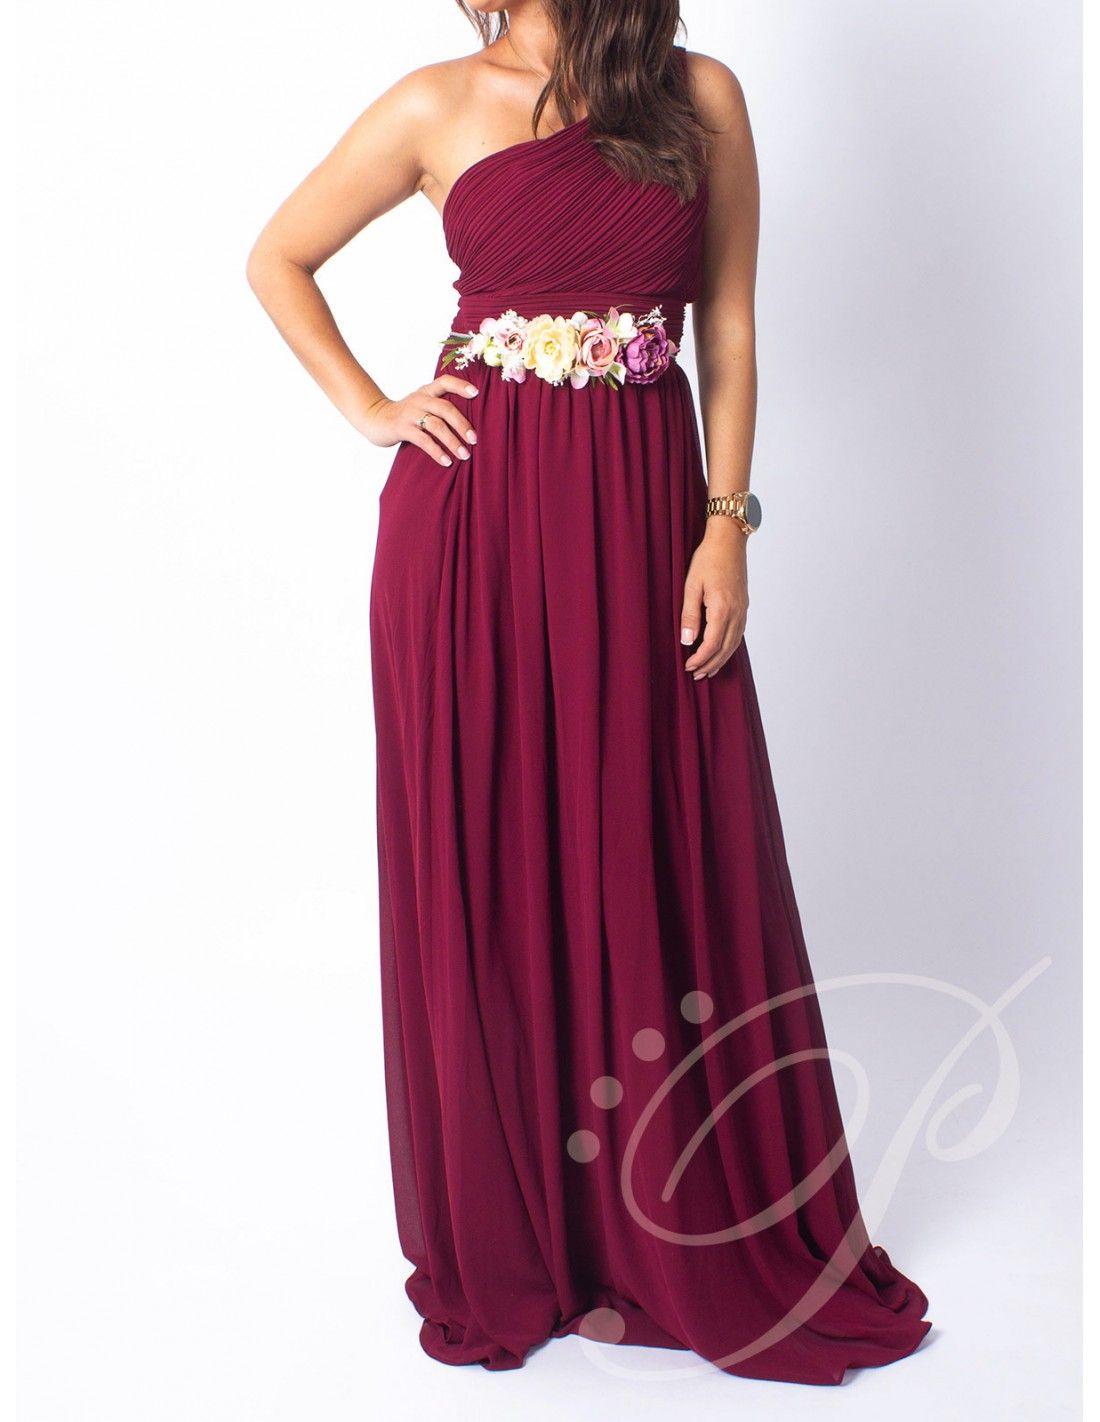 ba9c6cf38 Vestido Layla Burgundy - Vestido largo de gasa en color burgundy.. Escote  asimétrico drapeado. Espalda elástica. Detalle de un tirante.